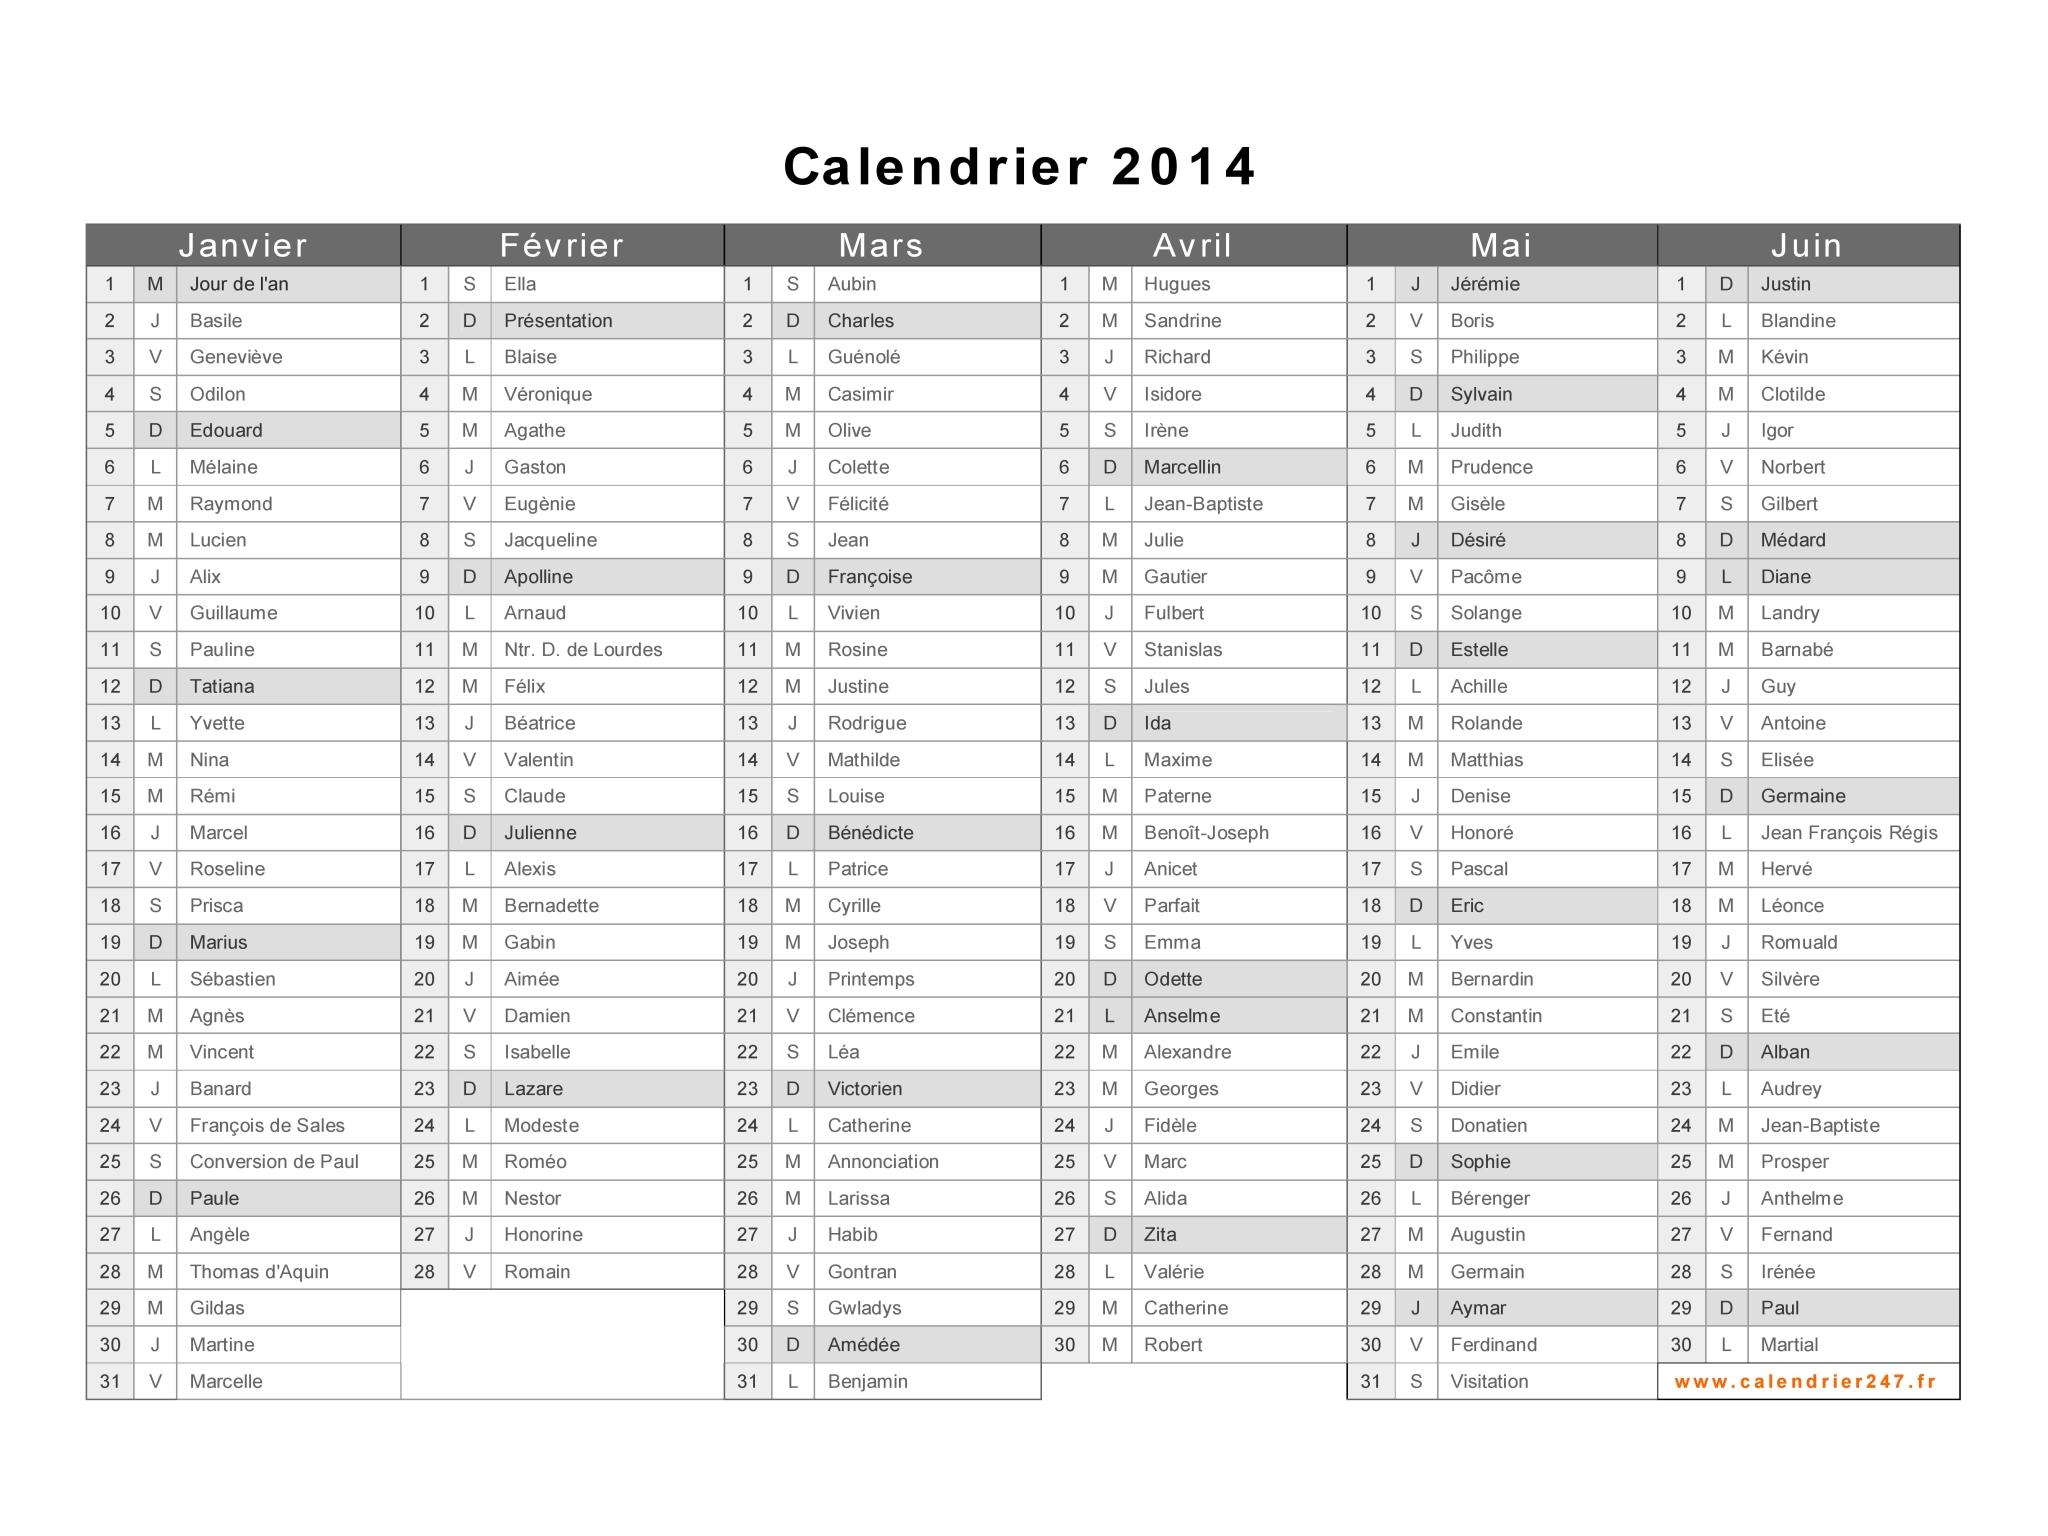 Calendrier 2014 à imprimer gratuit en PDF et Excel